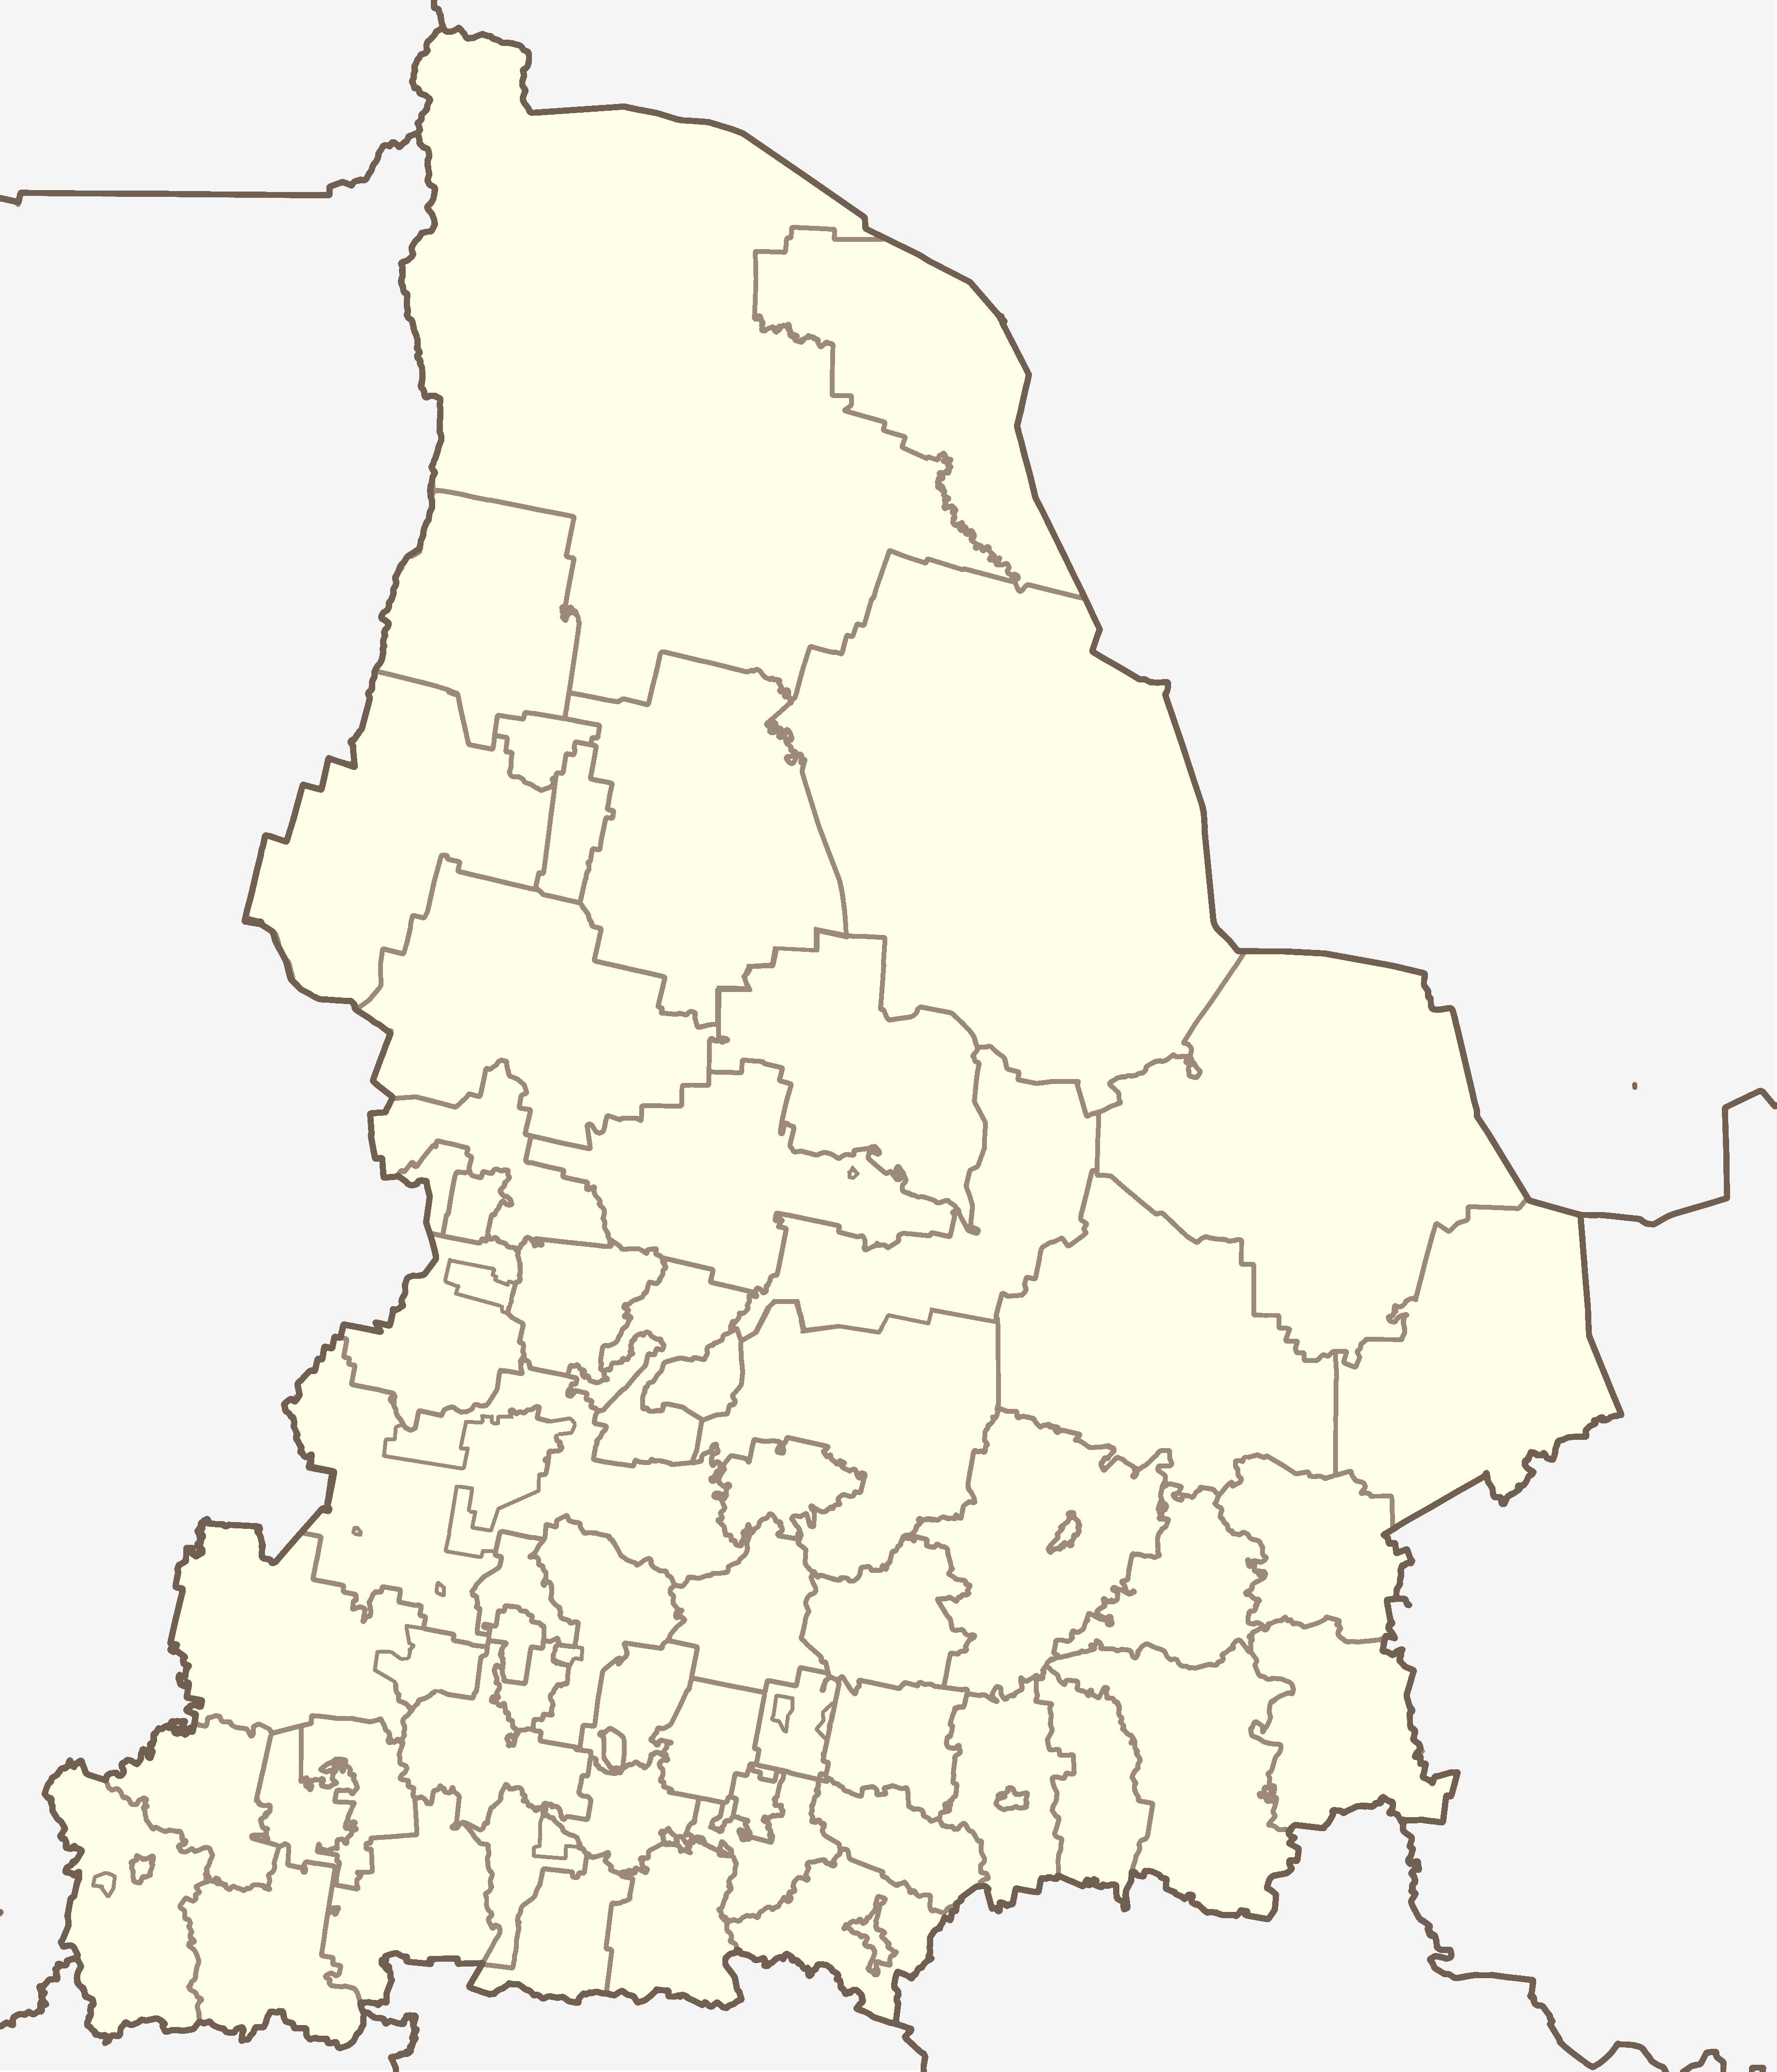 Исетское (Свердловская область) (Свердловская область)